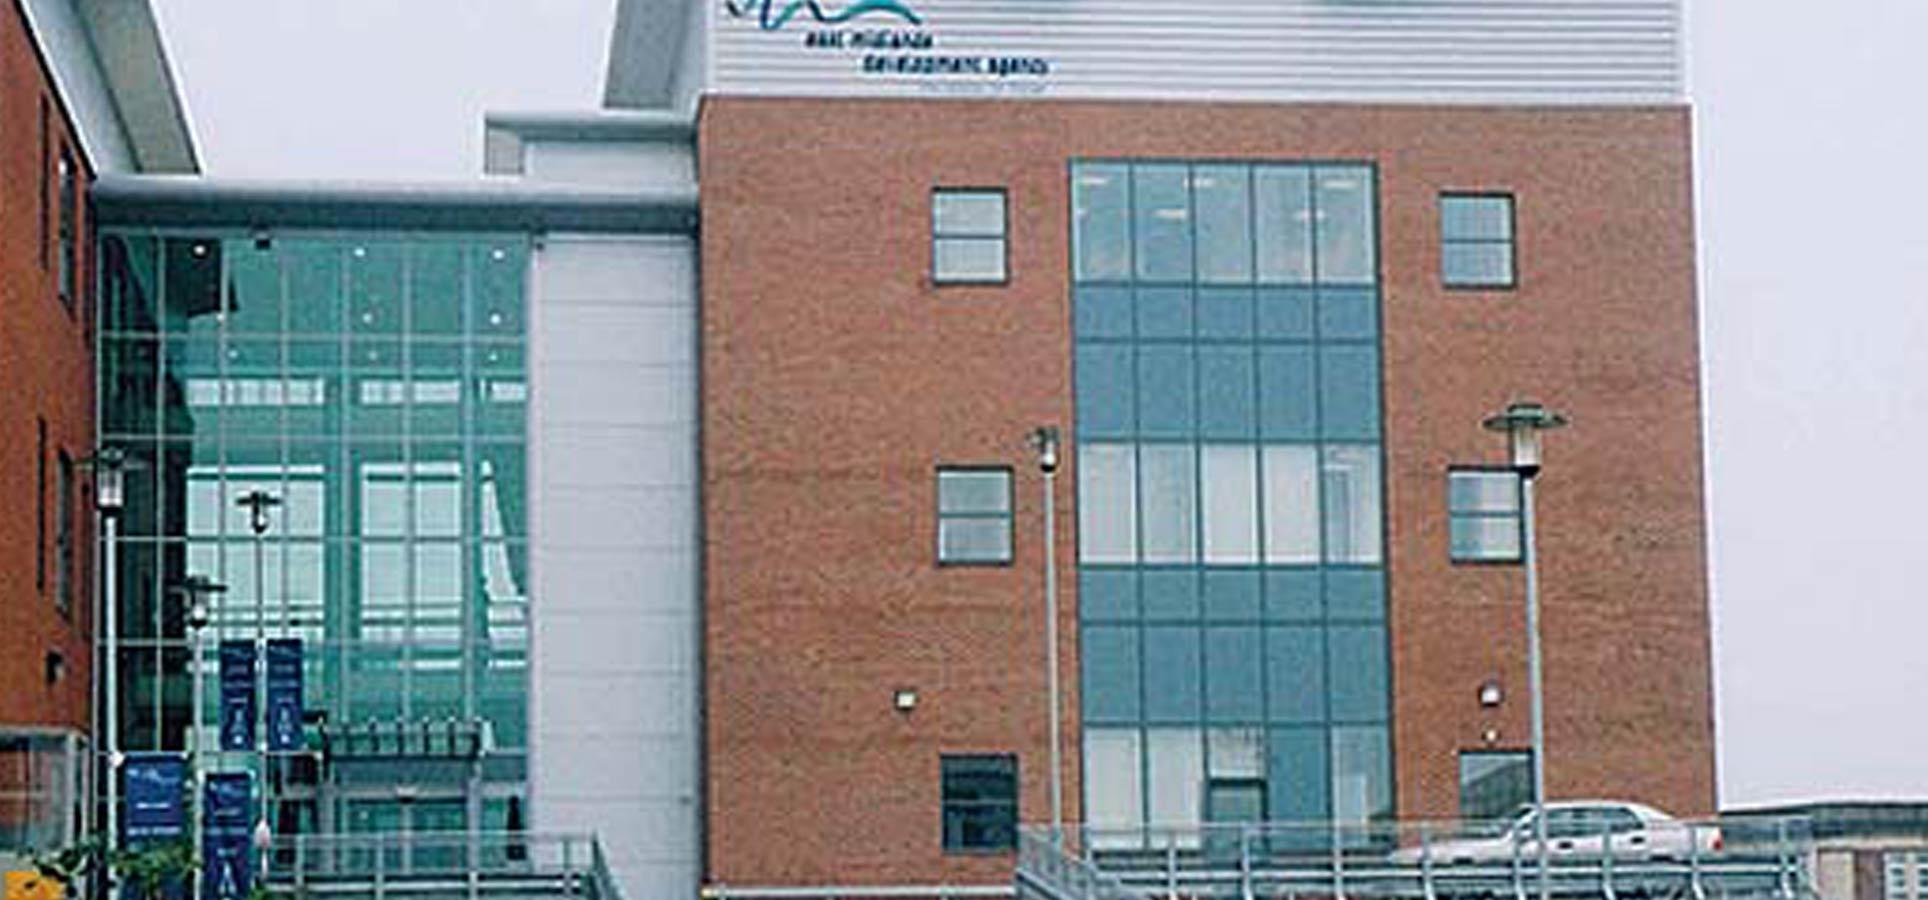 E.M.D.A. Office & Link, Jessops Construction Ltd